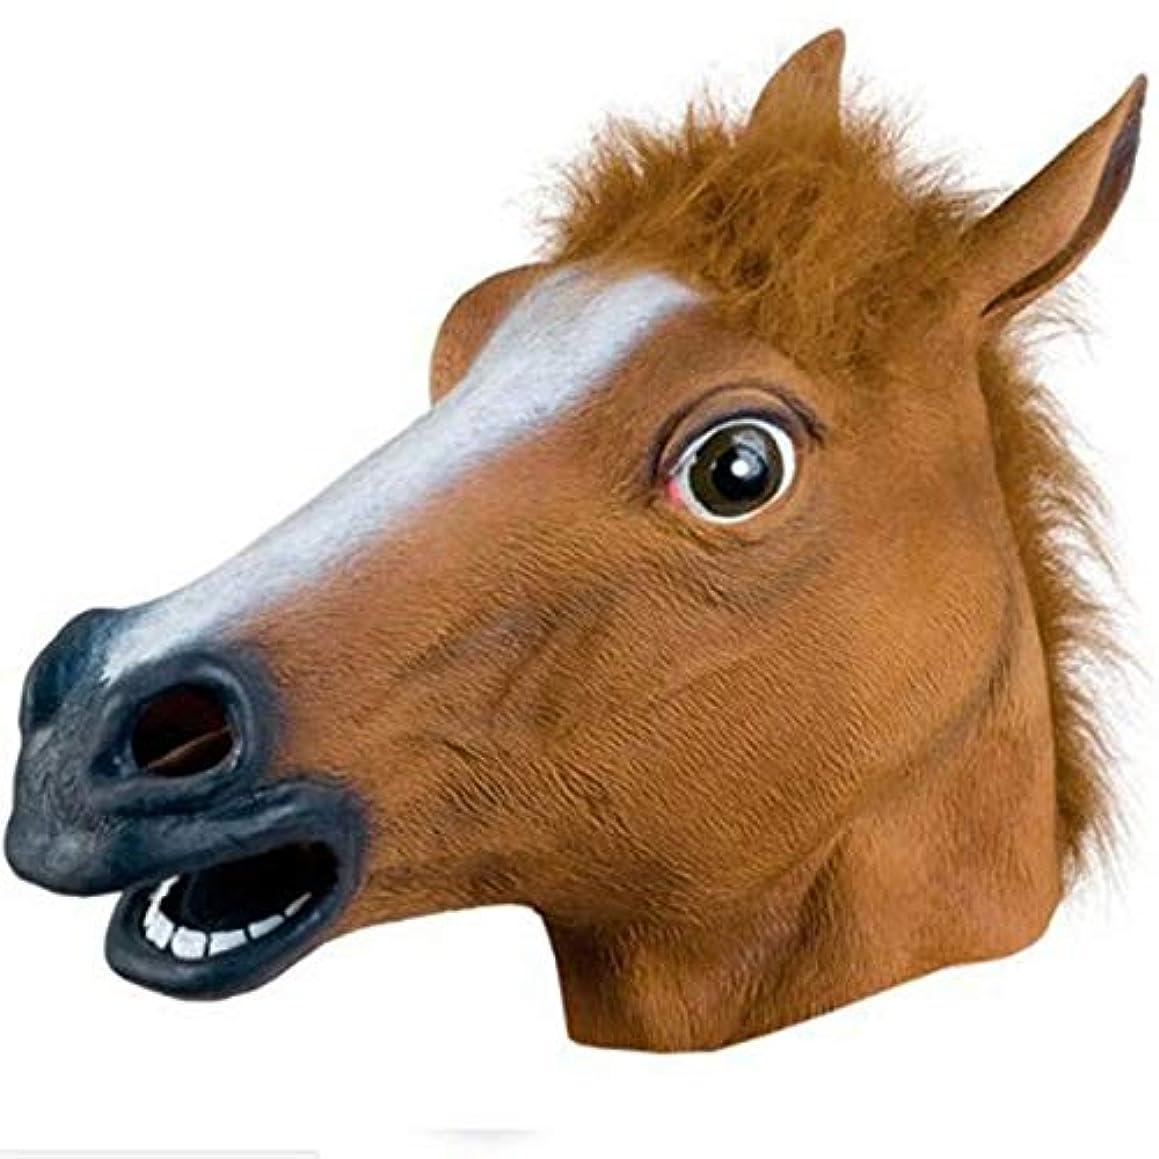 意味のあるピアース画像馬の頭の仮面舞踏会おかしい面白いハロウィーンの馬の頭のマスクのかつら,ブラウン